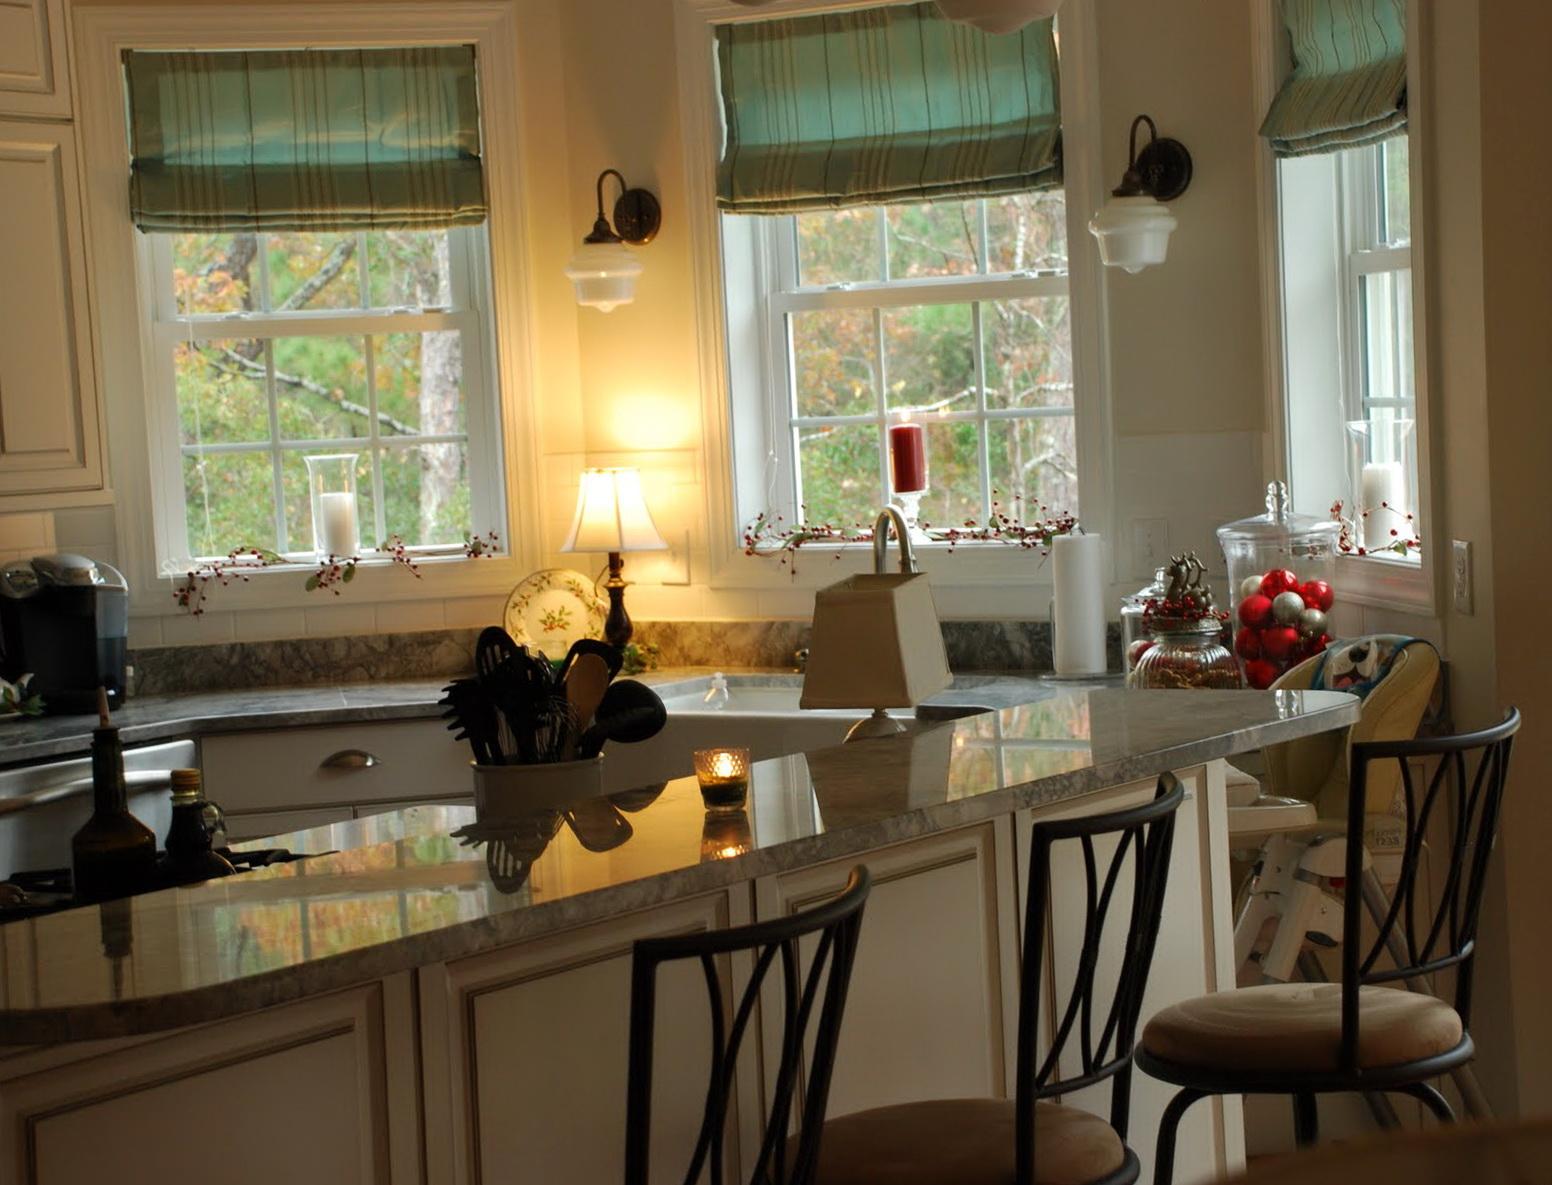 gardiner i køkkenet - en smuk kombination